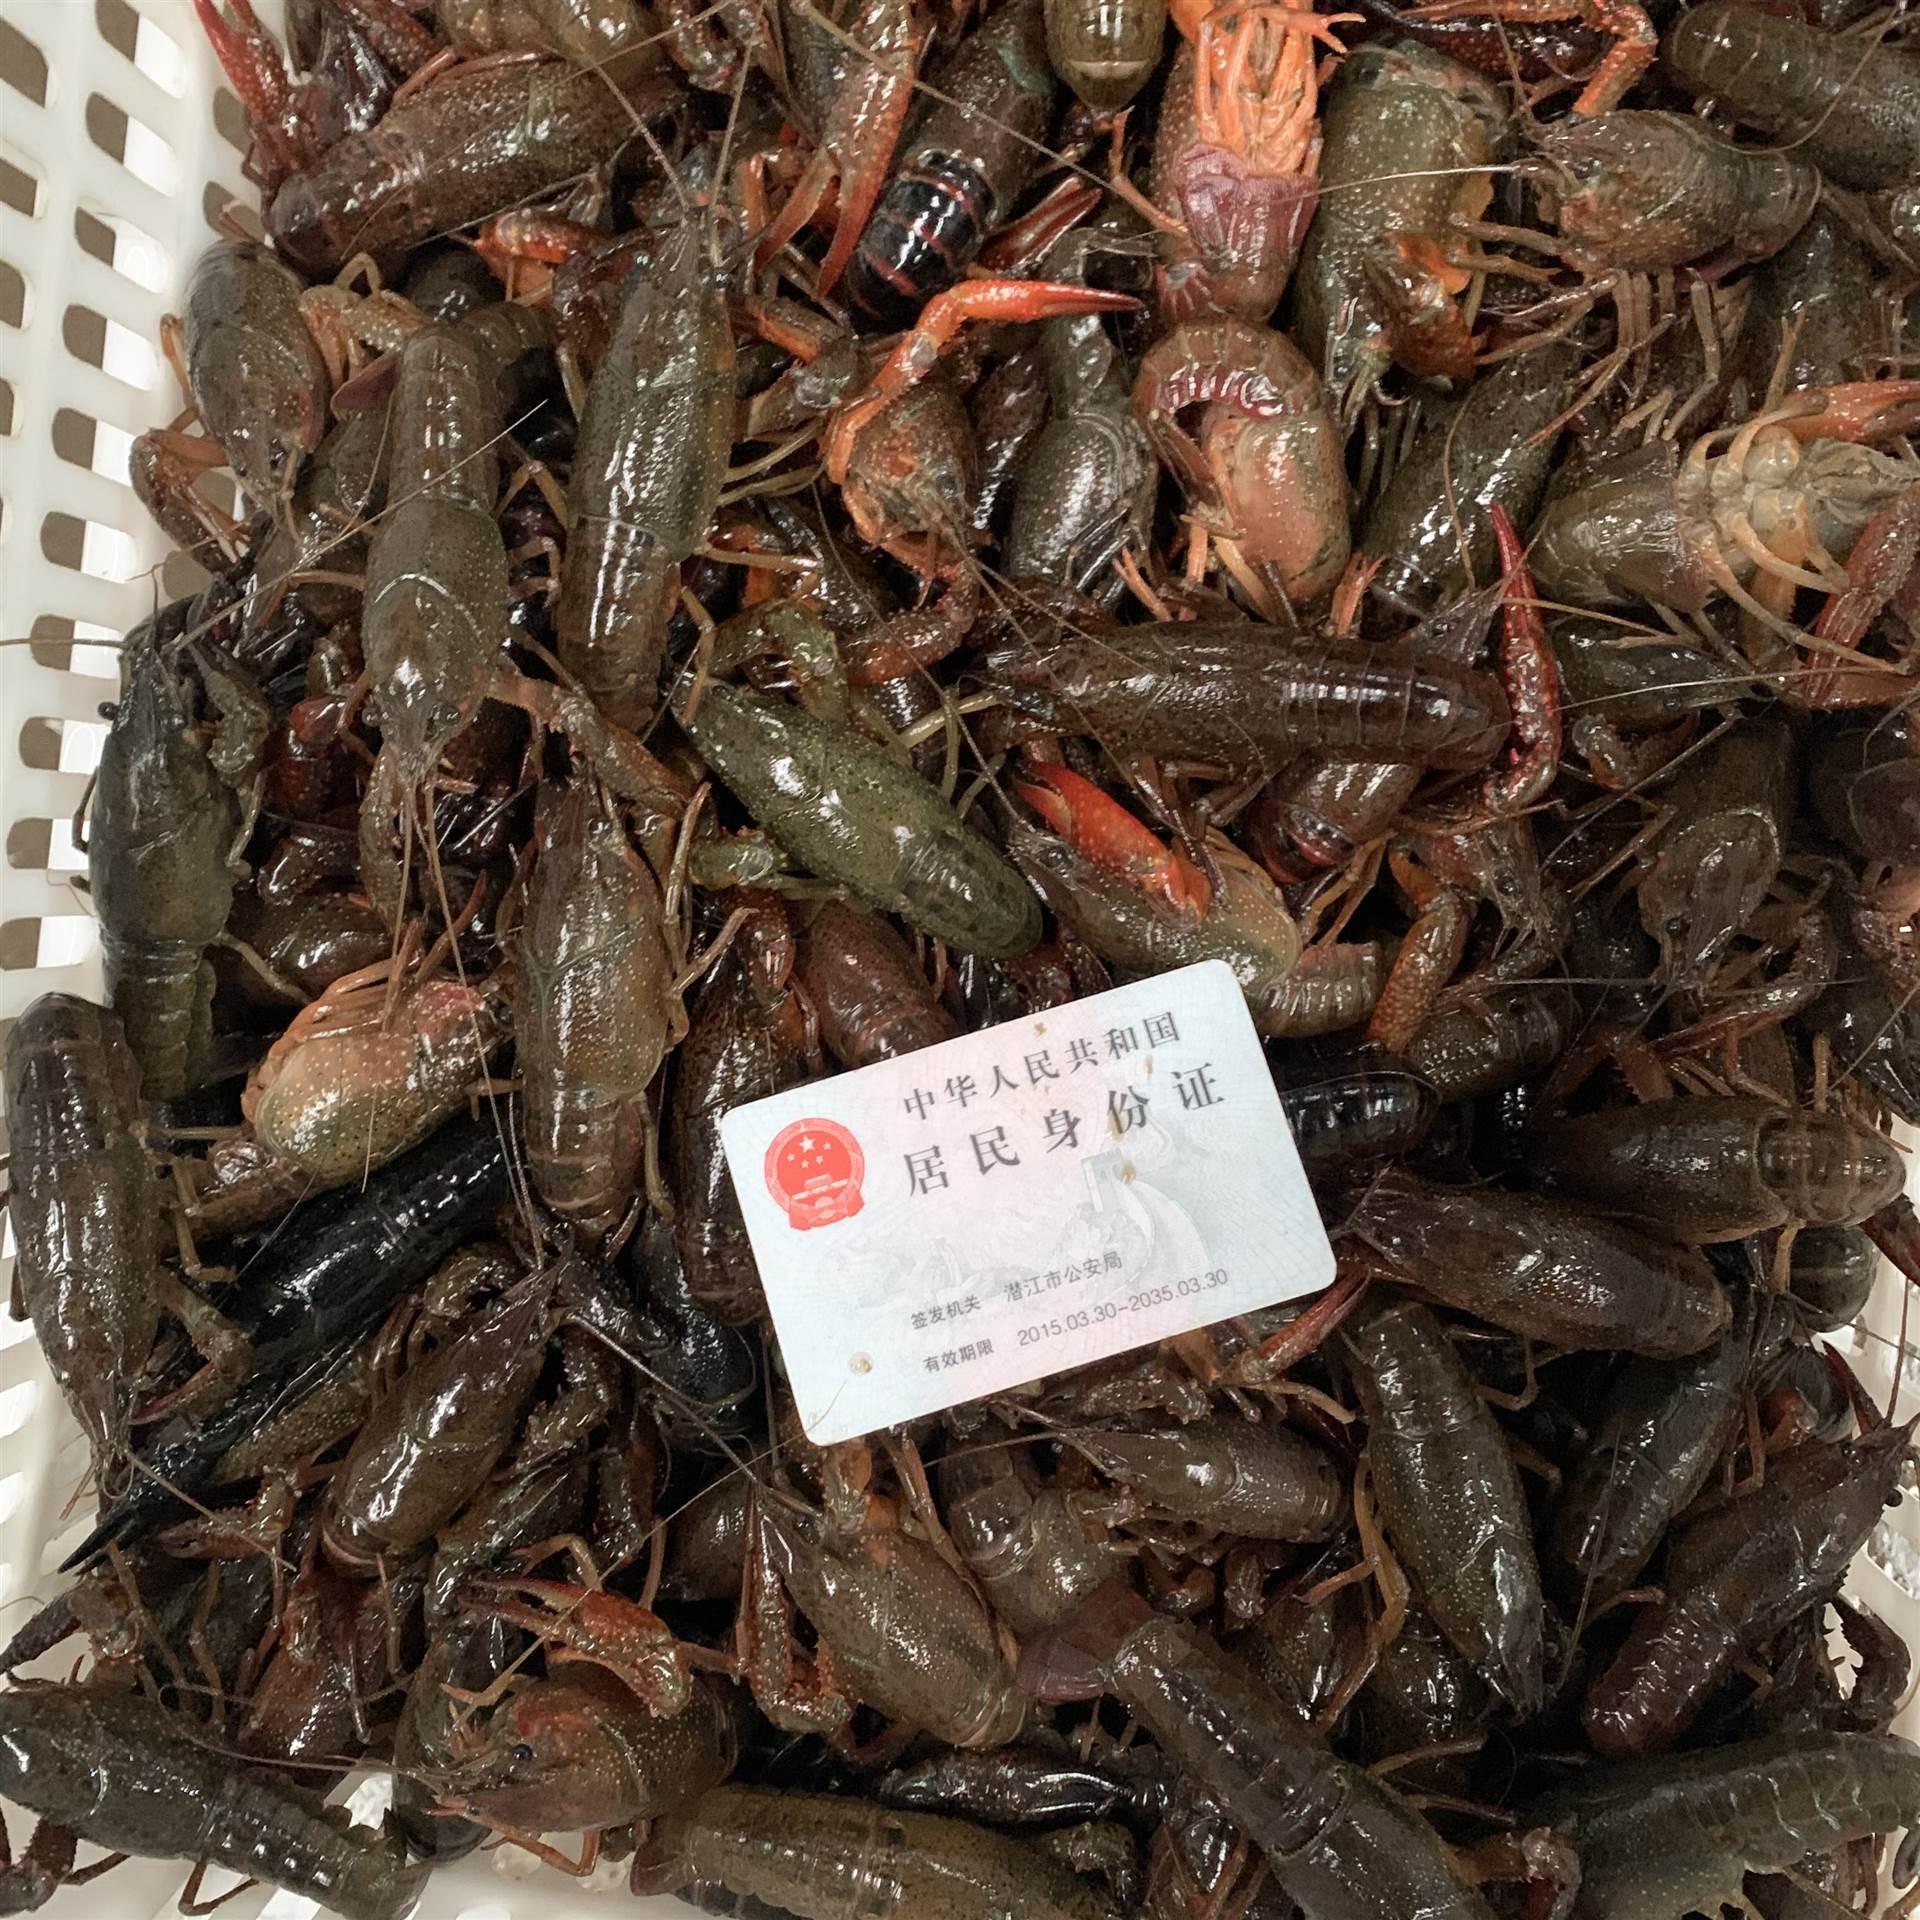 2021年3月1日潛江小龍蝦青蝦456錢規格肉質飽滿底板干凈價格行情